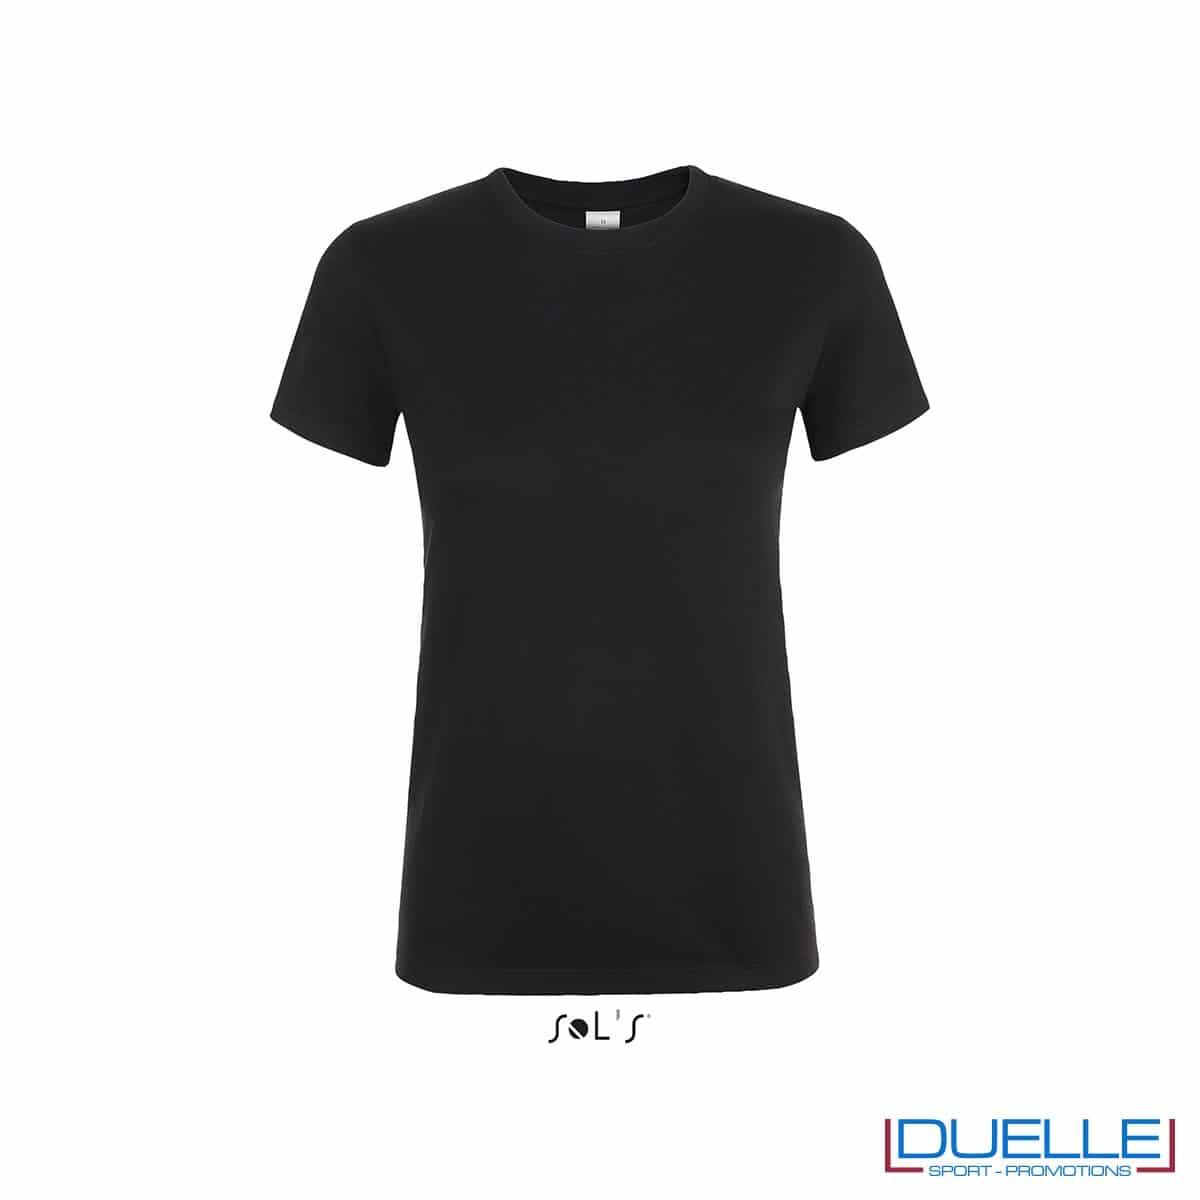 magliette da donna personalizzate in colore nero